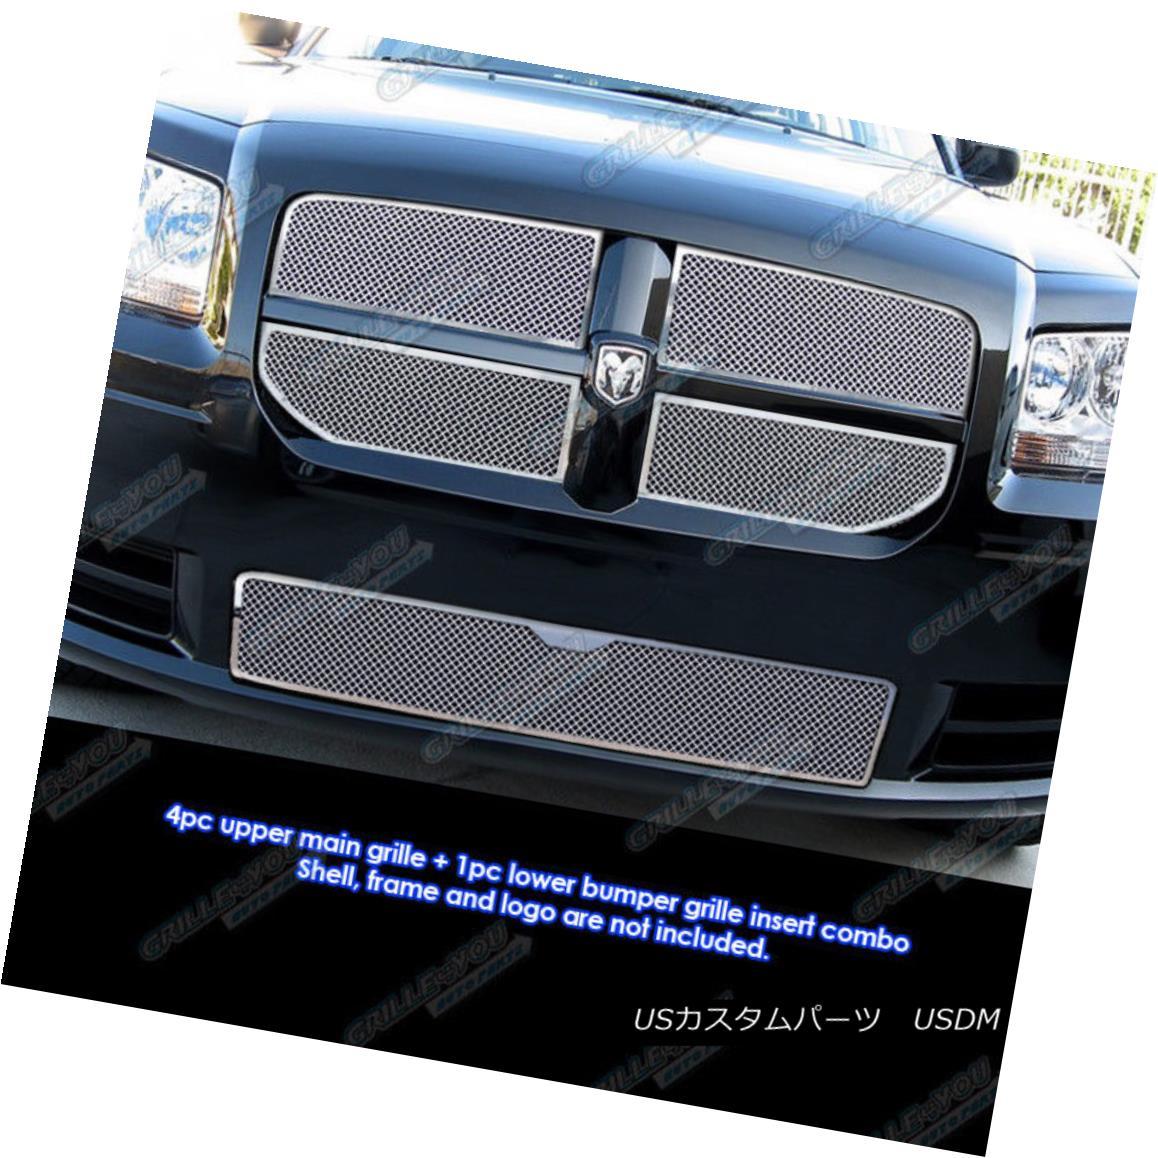 グリル 2008 Dodge Magnum SE SXT R/T Stainless Steel Mesh Grille Grill Combo Insert 2008ダッジマグナムSE SXT R / Tステンレスメッシュグリルグリルコンボインサート